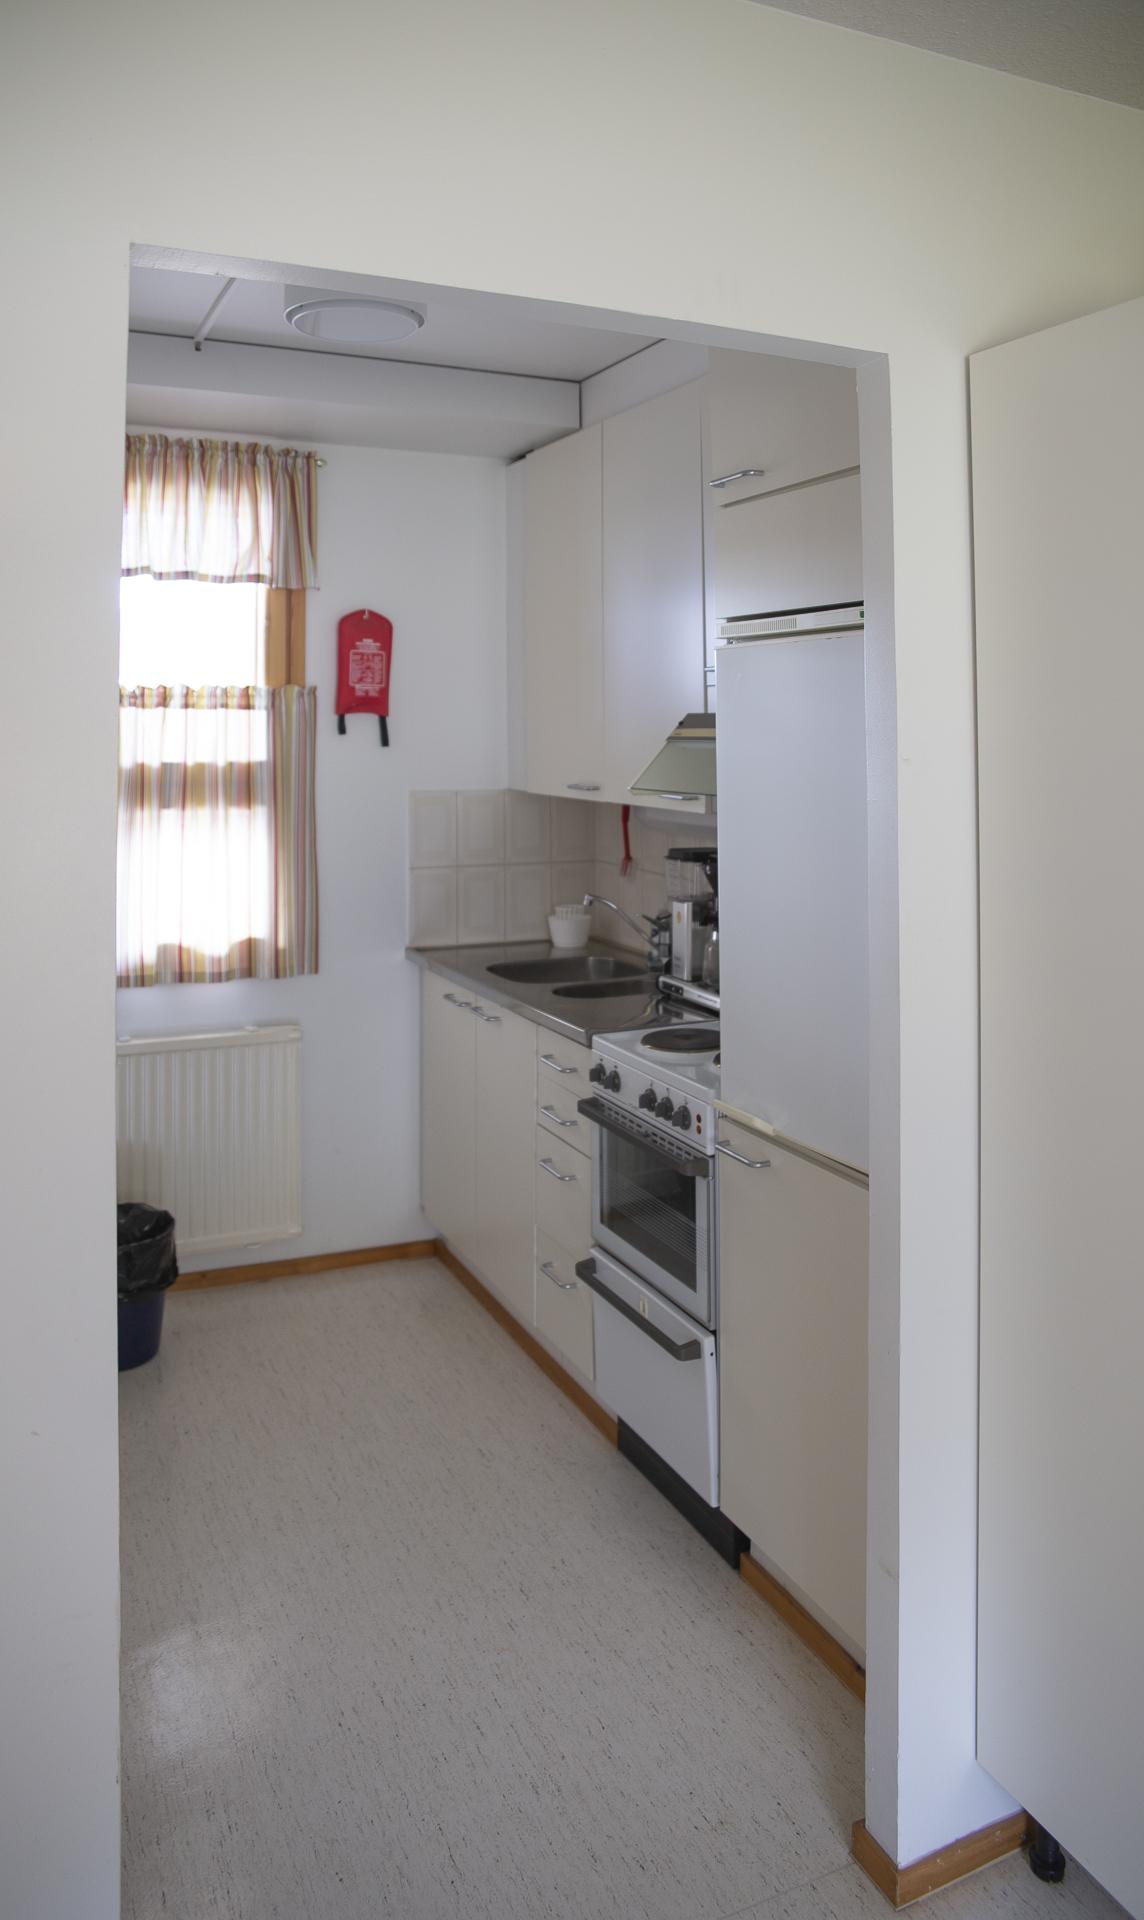 Guest Housen ulkosiiven majoitushuoneen keittiö.